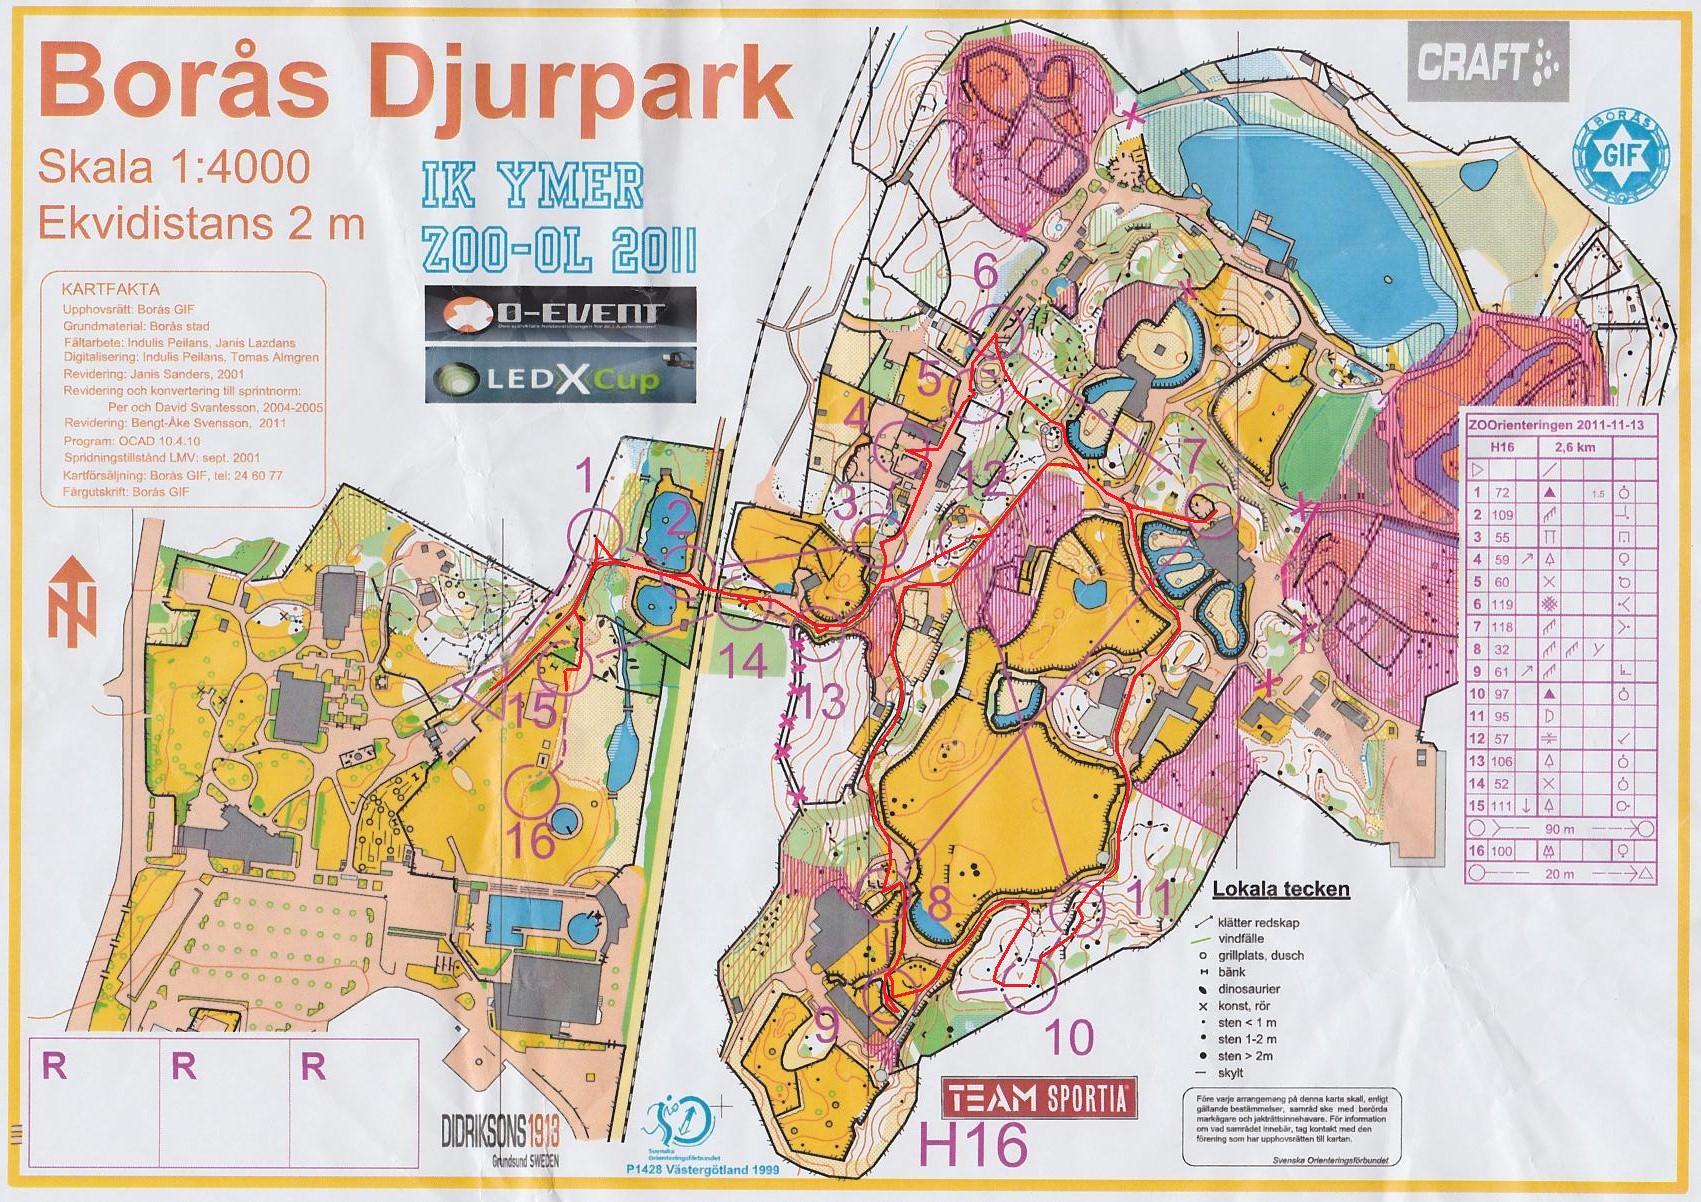 Karta Boras Djurpark.Oskars Digitala Kartarkiv O Event Zoorientering Del 1 2011 11 13